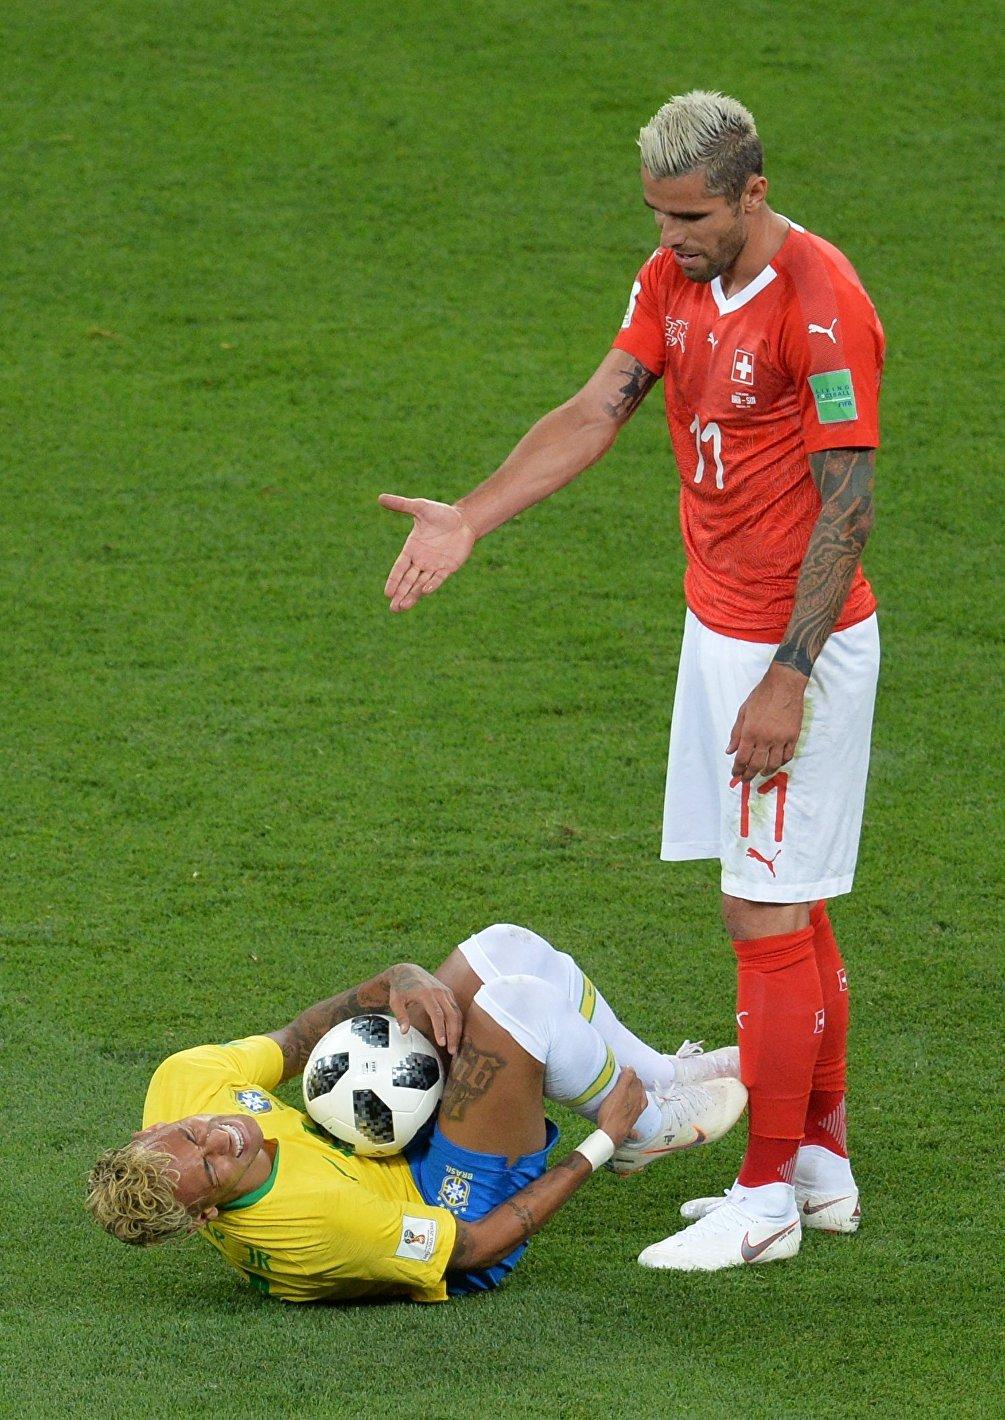 Squadra tosta, la Svizzera: ne ha fatto le spese anche la stella brasiliana Neymar